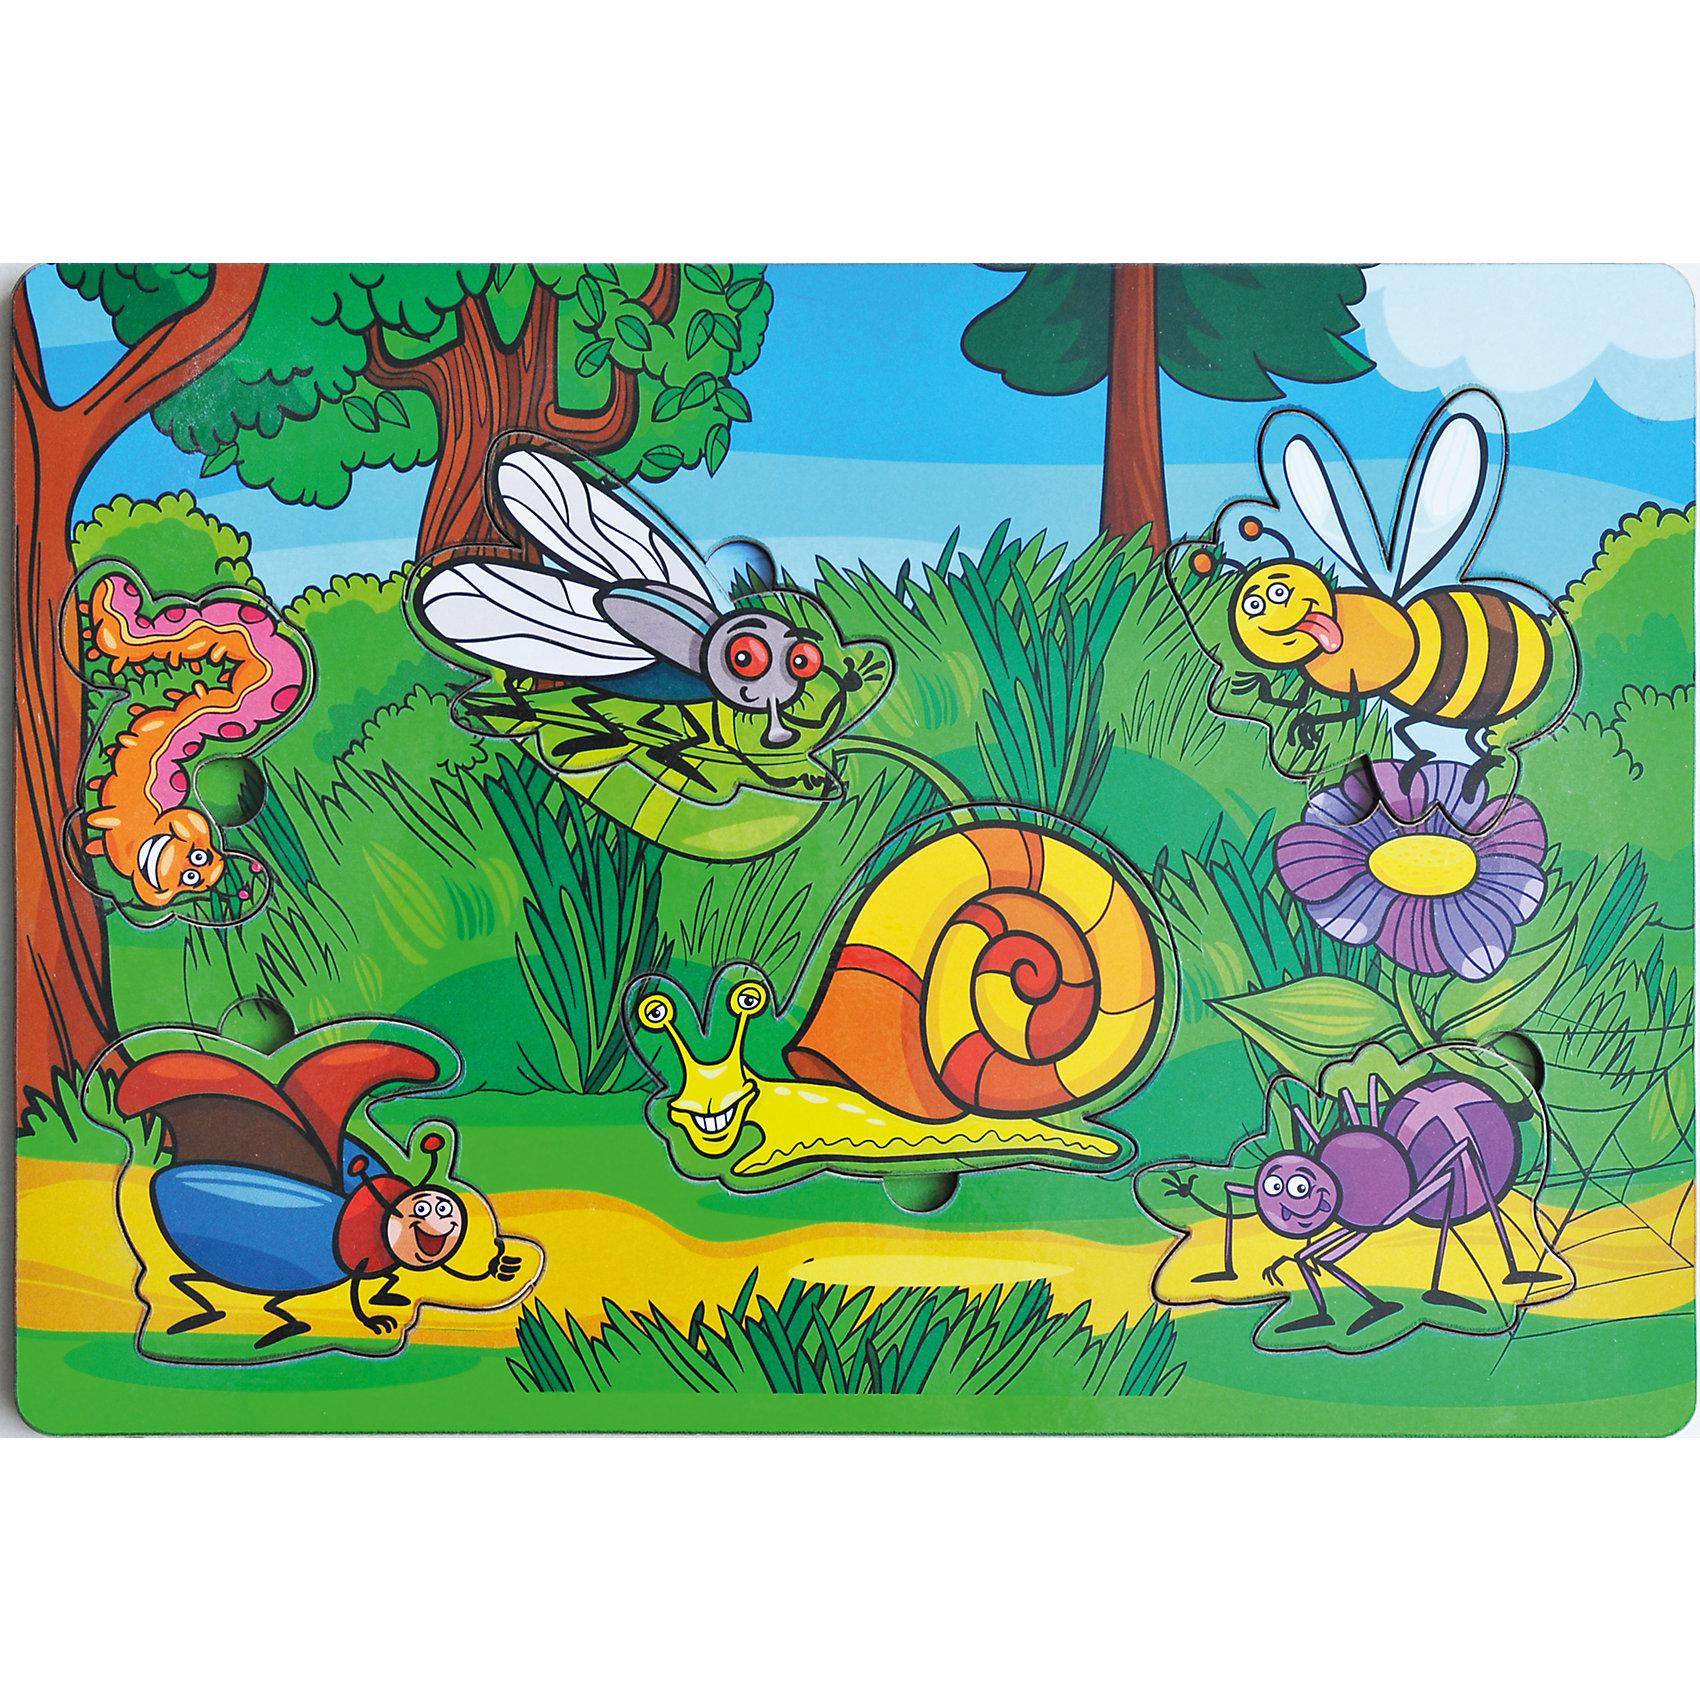 Развивающая рамка-вкладыш  «Букашки», Мастер игрушекРамки-вкладыши<br>Букашки - яркая рамка-вкладыш, с помощью которого ребенок познакомится с крохотными обитателями животного мира, рассмотрит их, вытащив из ячеек и найдет им свой домик, вставив их обратно. Яркая картинка понравится малышу, а игра поможет развить мелкую моторику, координацию и обогатить словарный запас.<br><br>Дополнительная информация:<br>В комплекте: 6 вкладышей, рамка<br>Материал: дерево<br>Размер: 0,5х20х28 см<br>Вес: 260 грамм<br>Вы можете купить рамку-вкладыш Букашки в нашем интернет-магазине.<br><br>Ширина мм: 280<br>Глубина мм: 200<br>Высота мм: 5<br>Вес г: 260<br>Возраст от месяцев: 36<br>Возраст до месяцев: 120<br>Пол: Унисекс<br>Возраст: Детский<br>SKU: 4953656